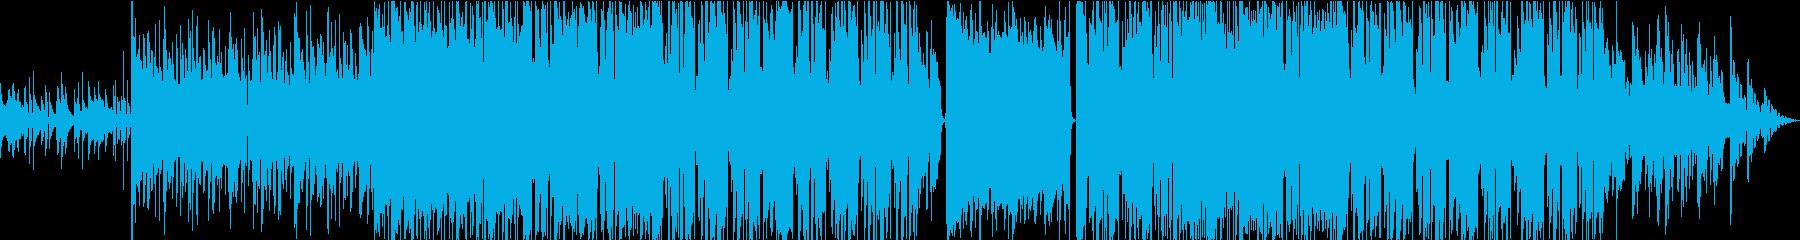 少し切ないガットギターのバラードBGMの再生済みの波形